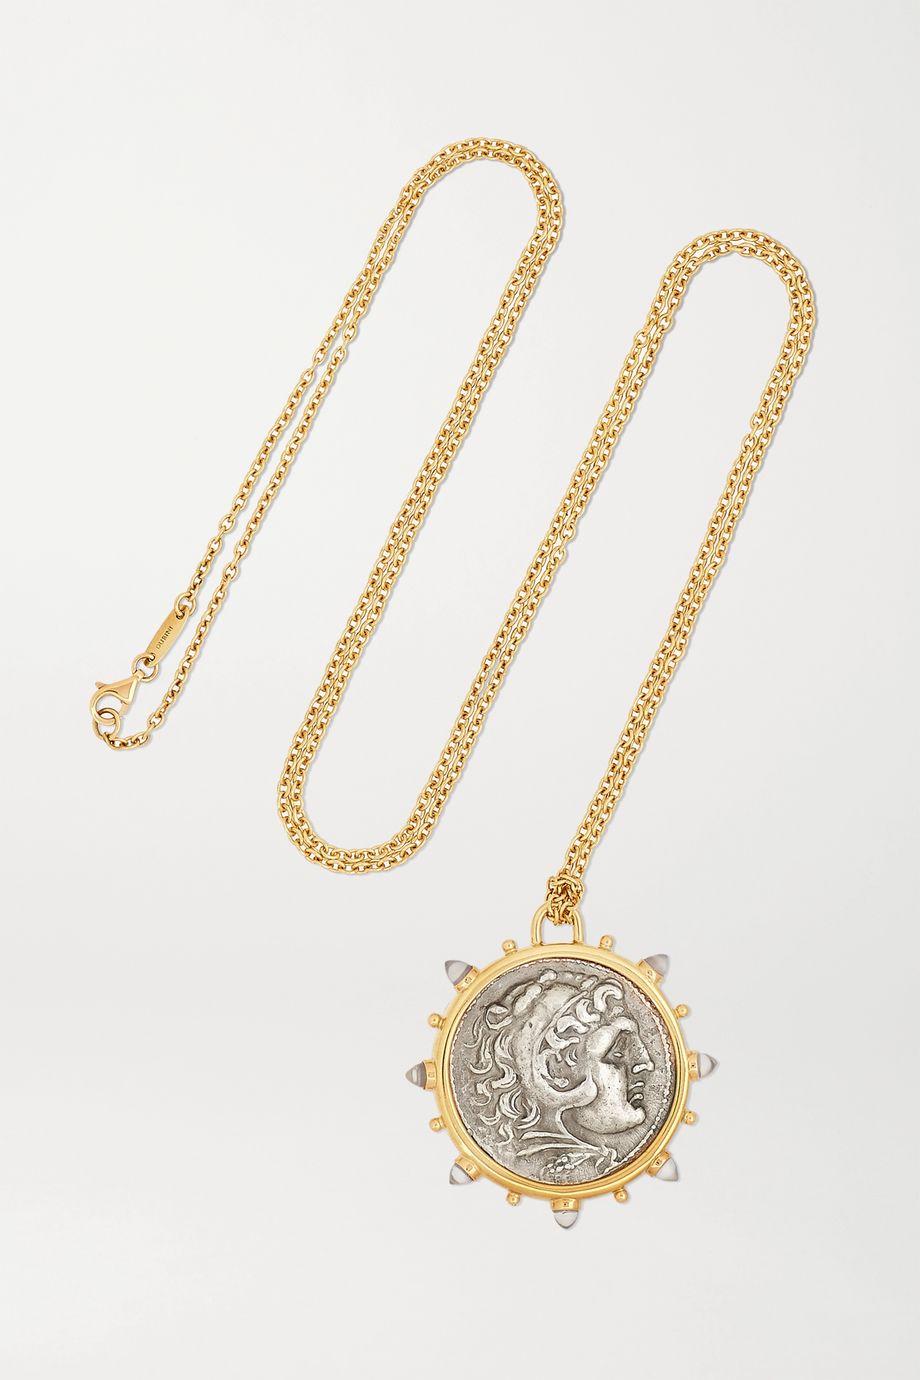 Dubini Alexander the Great Kette aus 18 Karat Gold und Silber mit Mondsteinen